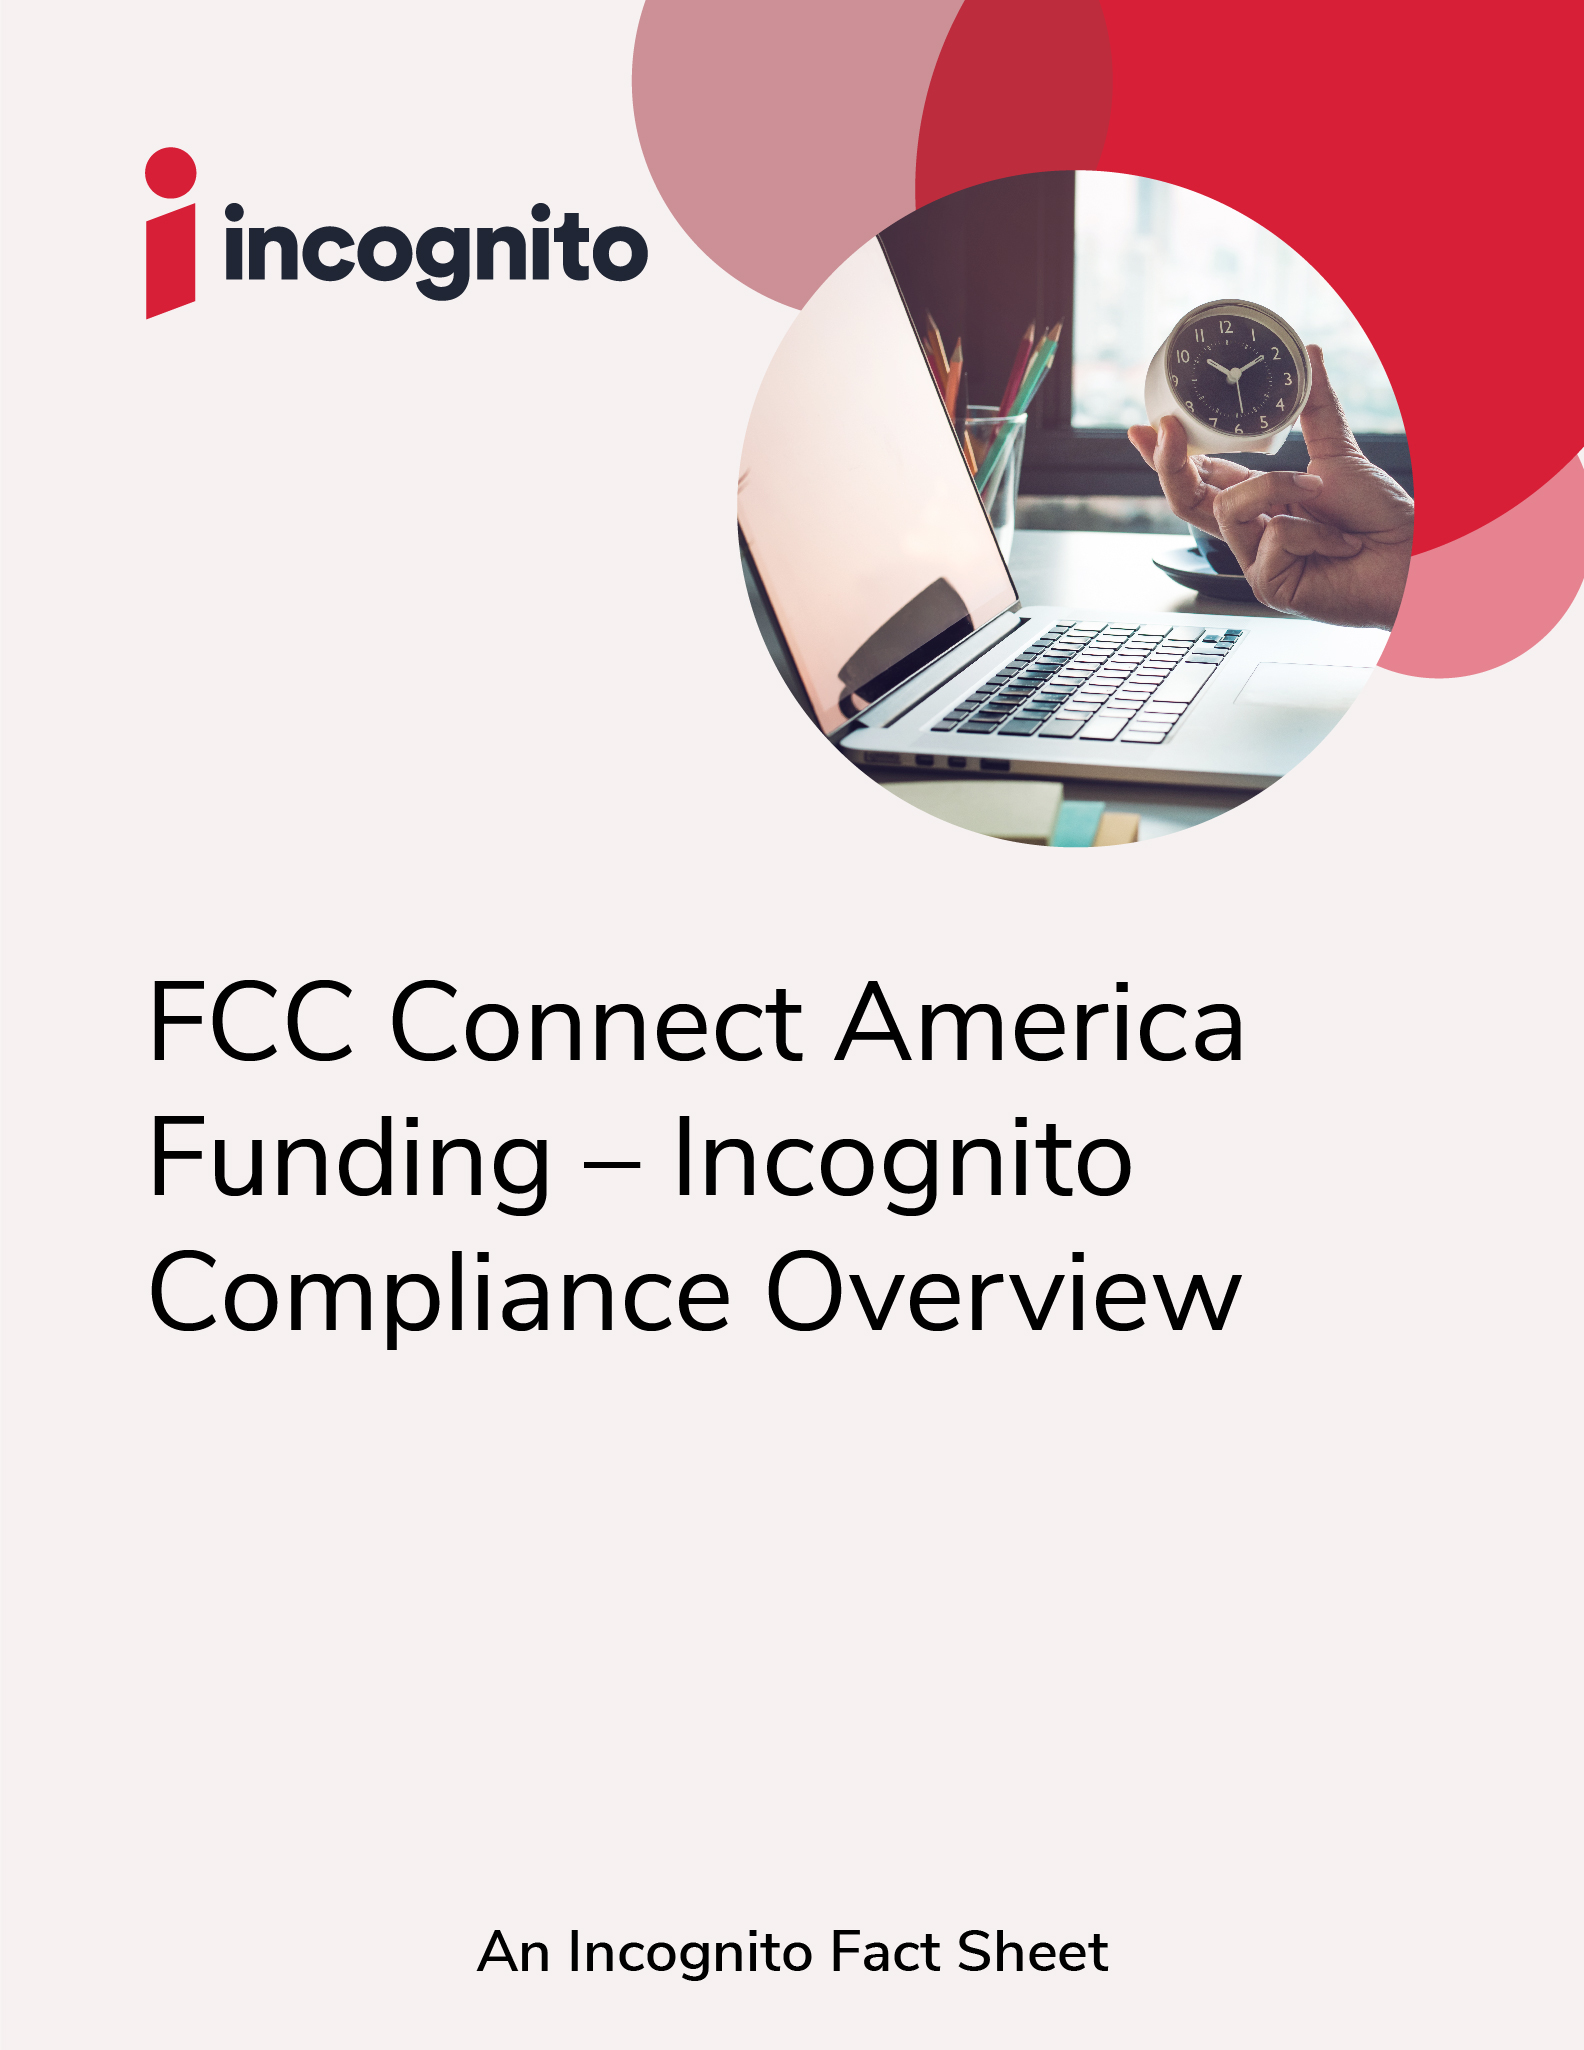 Incognito-FCC-image